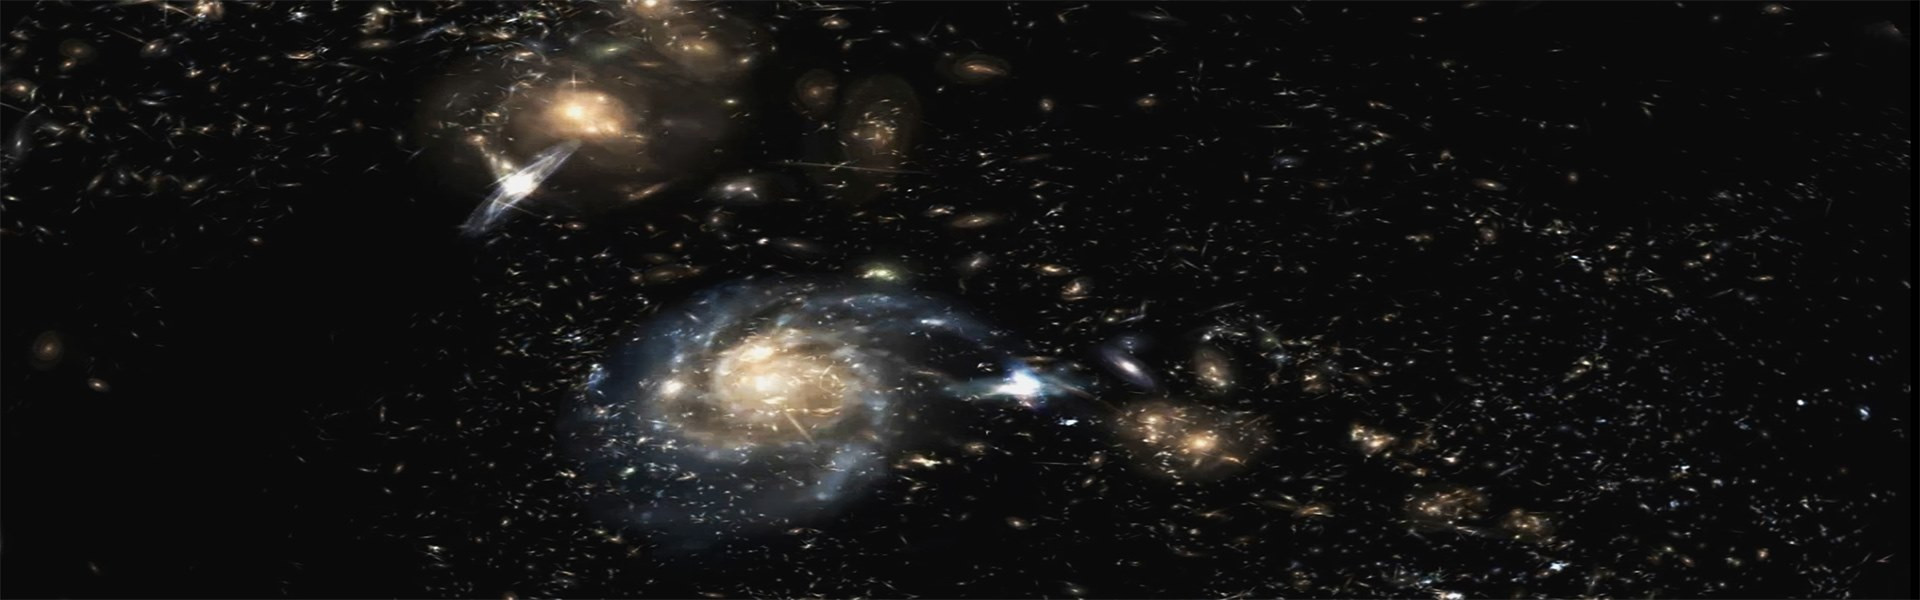 Geheimnisvolles Universum